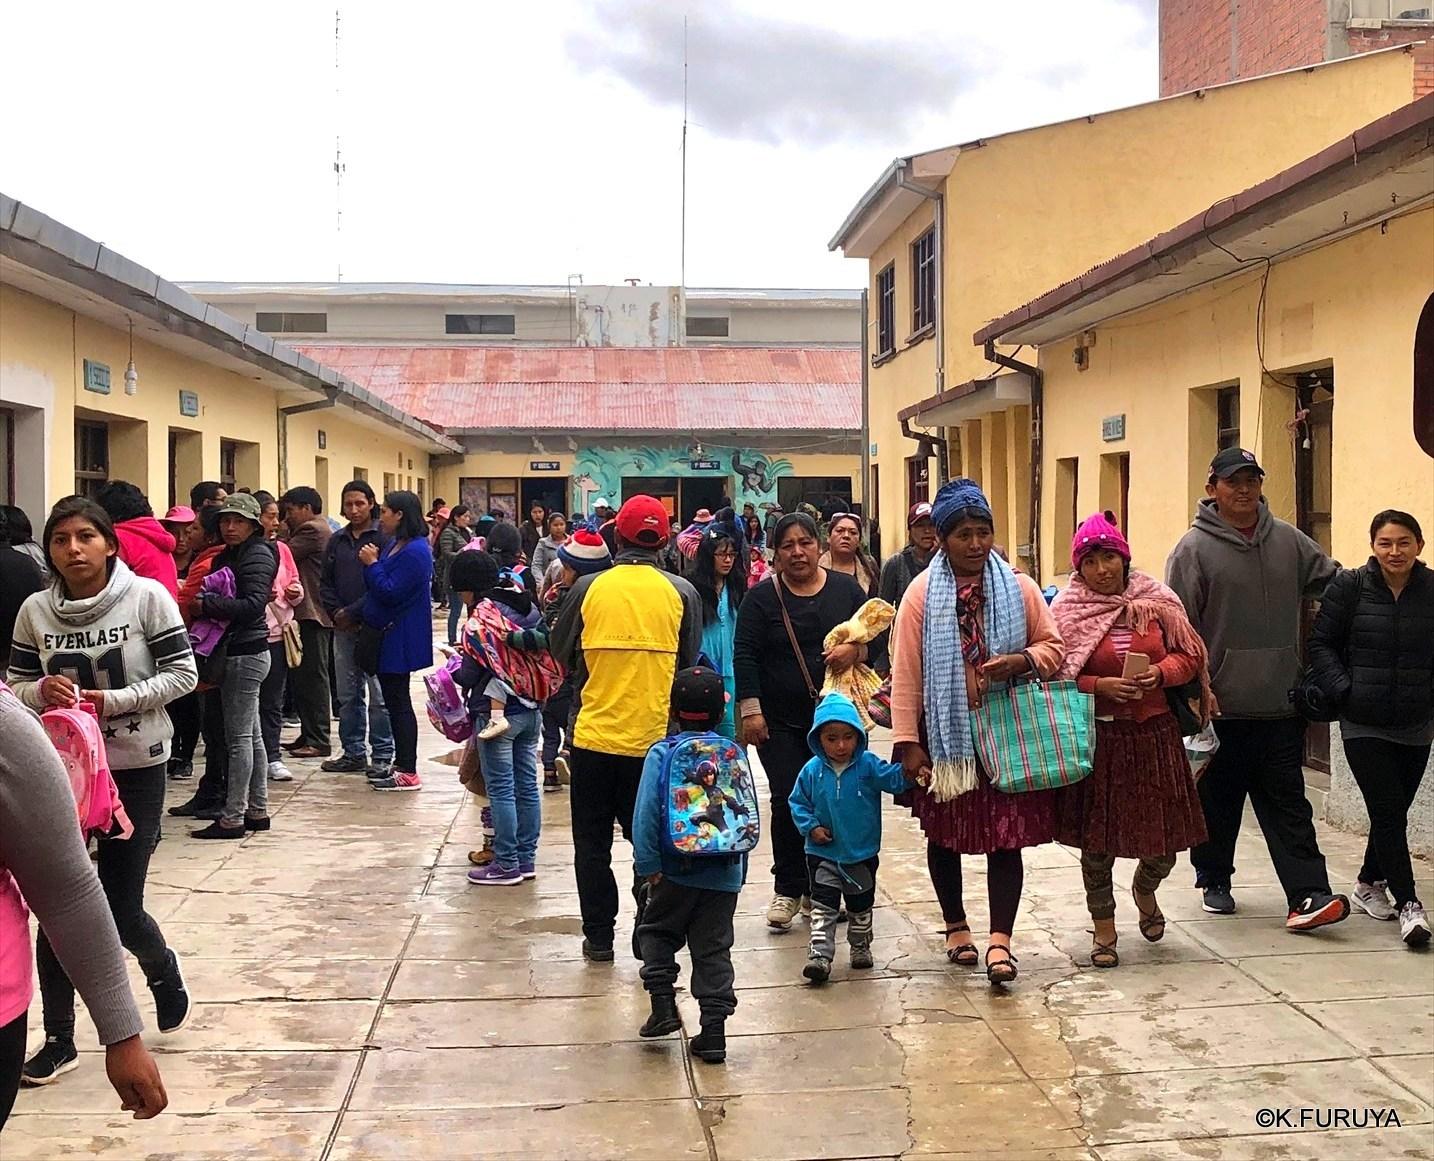 中南米の旅/25 ウユニのメインストリート@ボリビア_a0092659_16522298.jpg